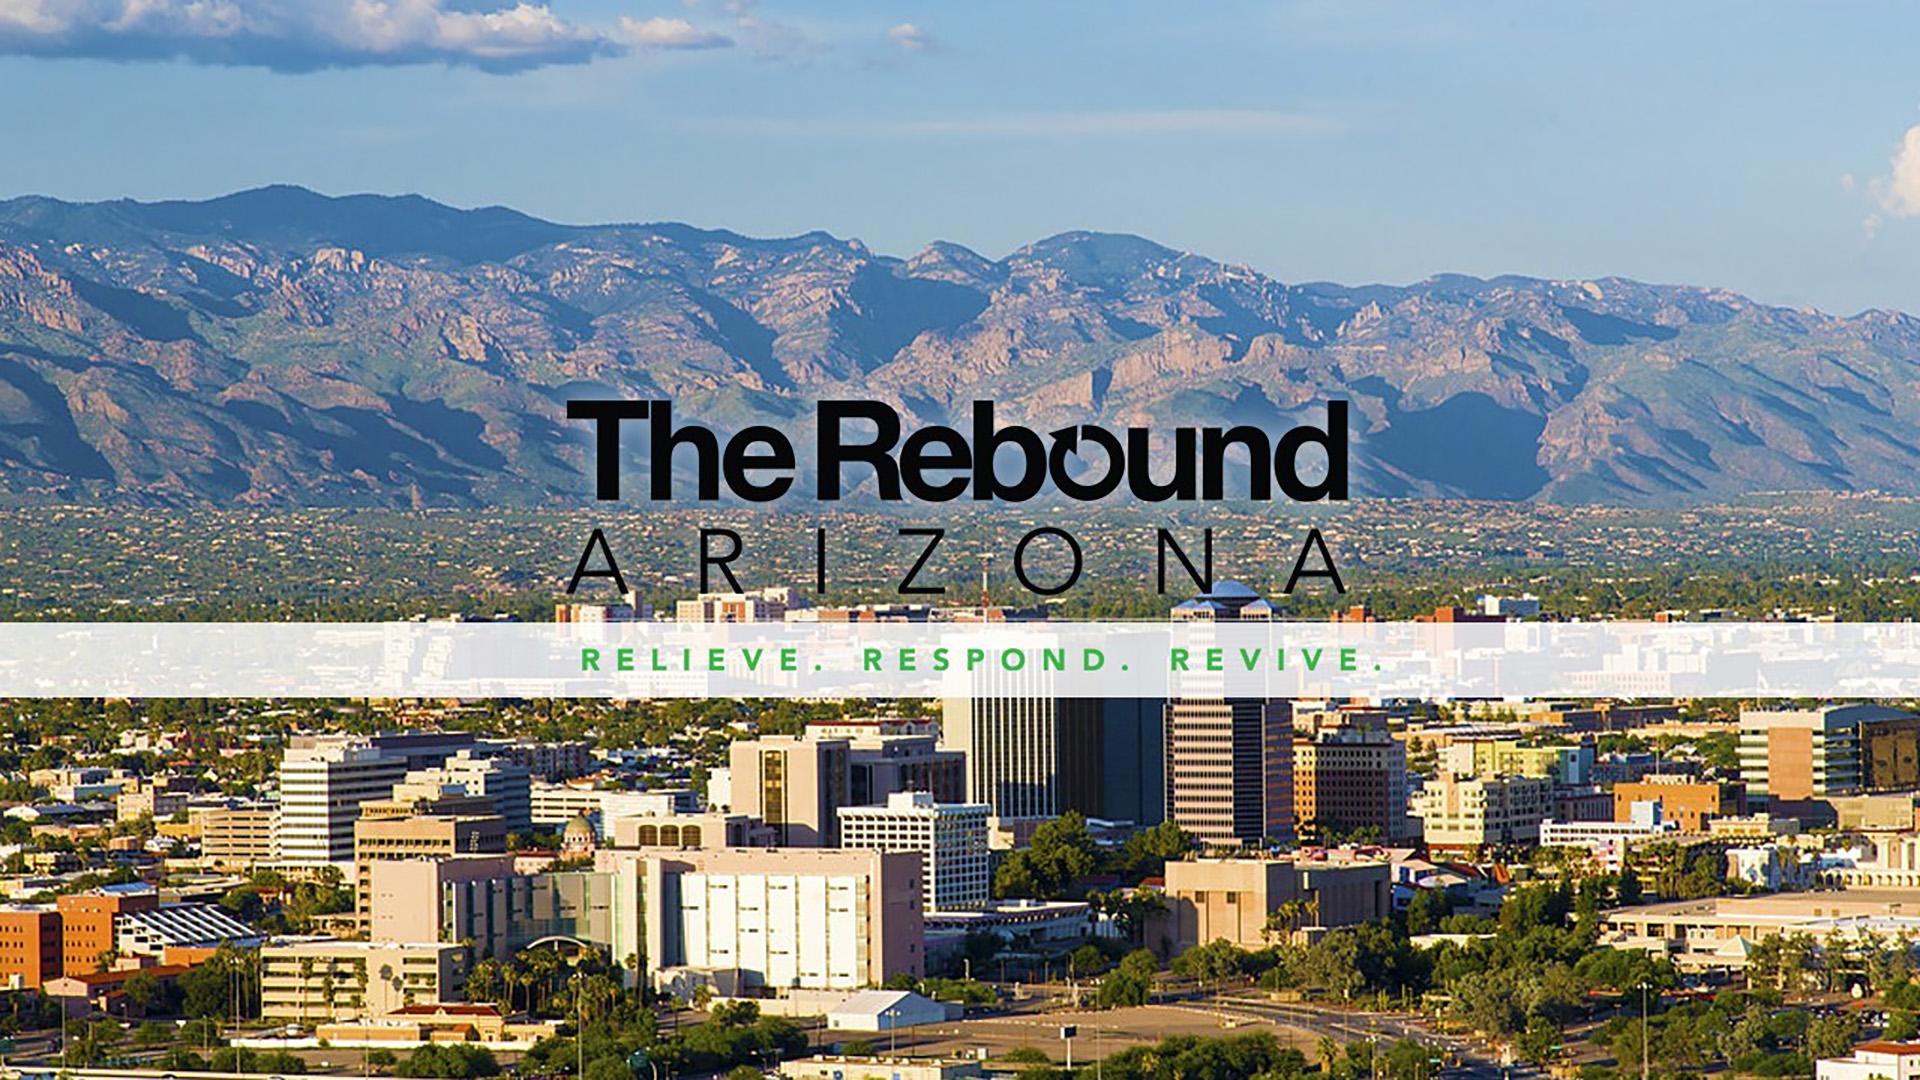 The Rebound Arizona logo